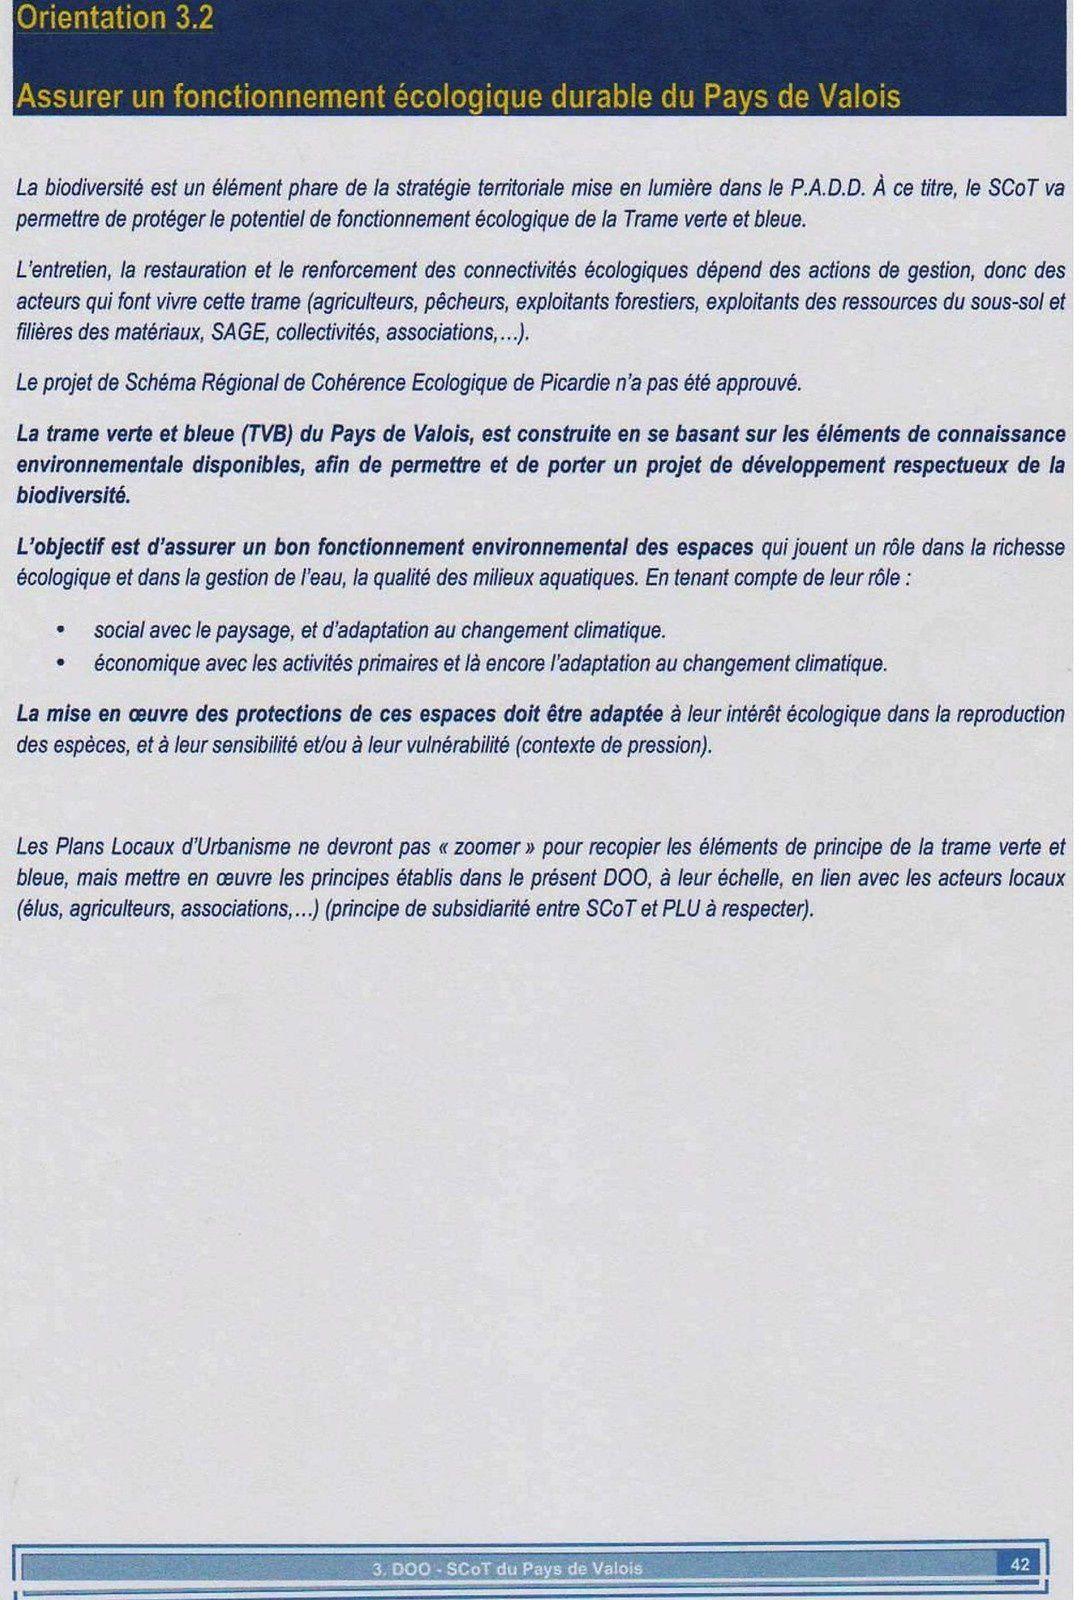 Crépy en Valois : Enquête publique sur le Schéma de Cohérence Territoriale de la Communauté de Communes du Pays de Valois (SCOT)